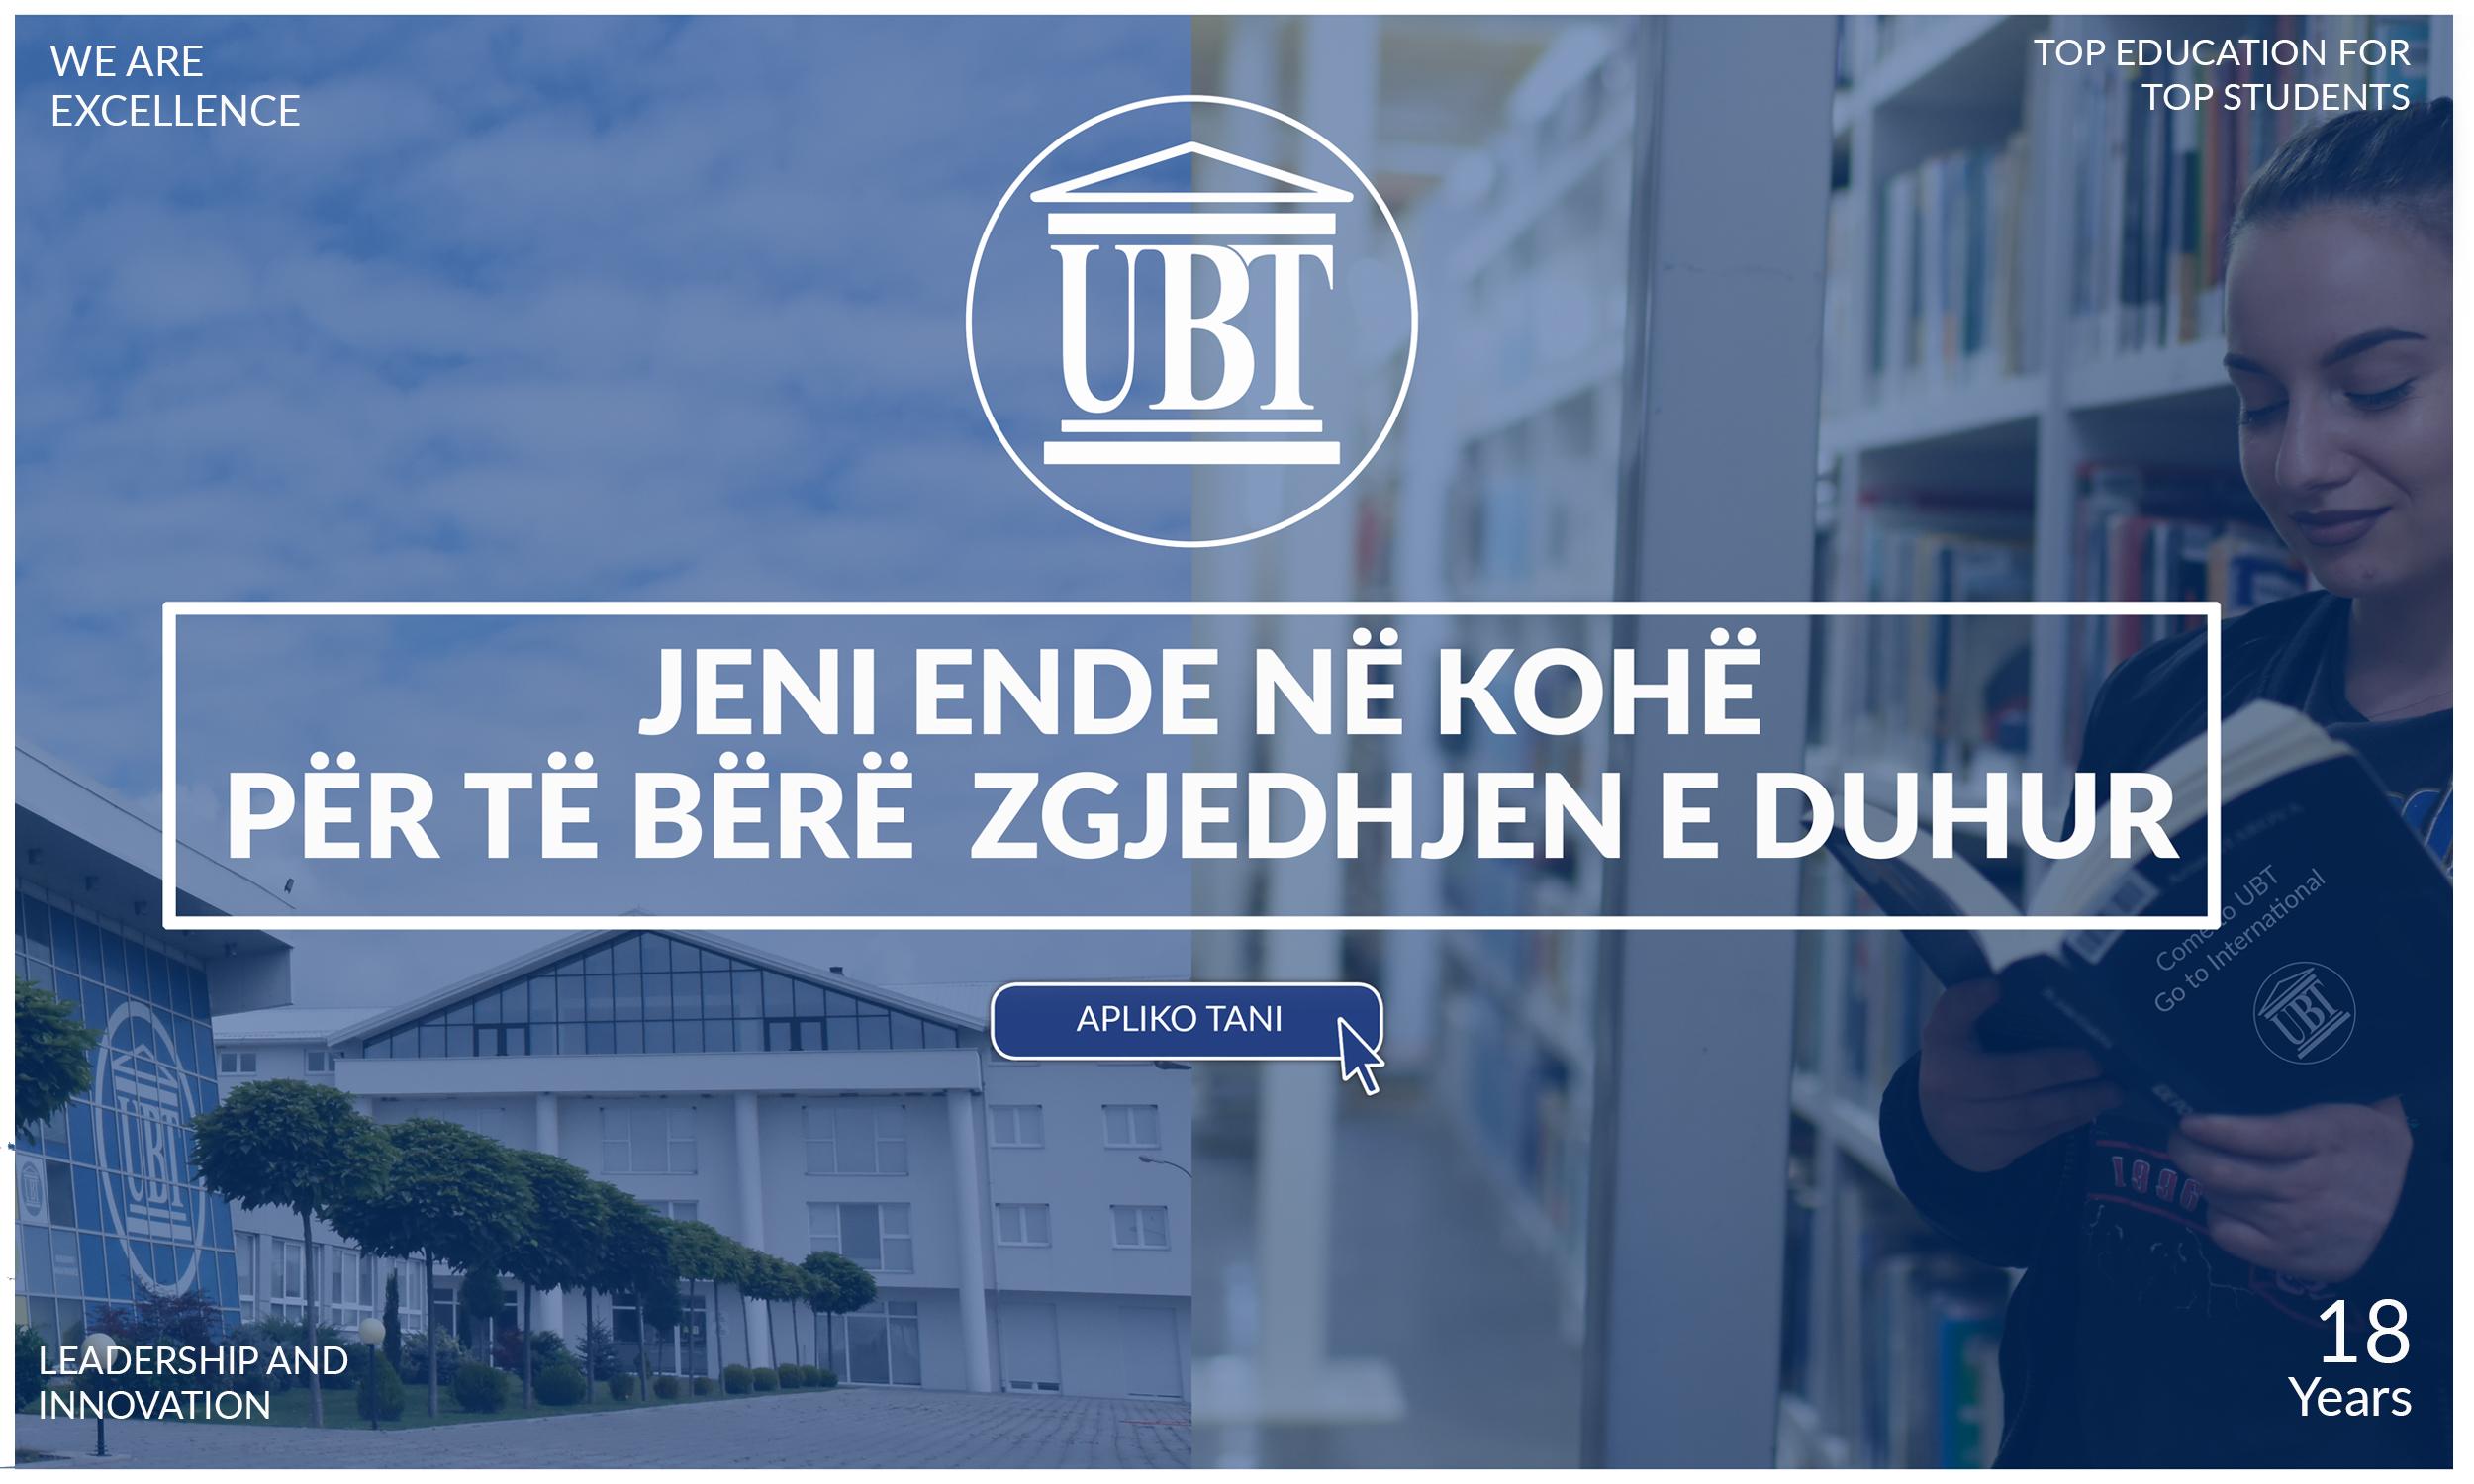 Jeni në kohë për ta bërë zgjedhjen e duhur, transferoni studimet në UBT